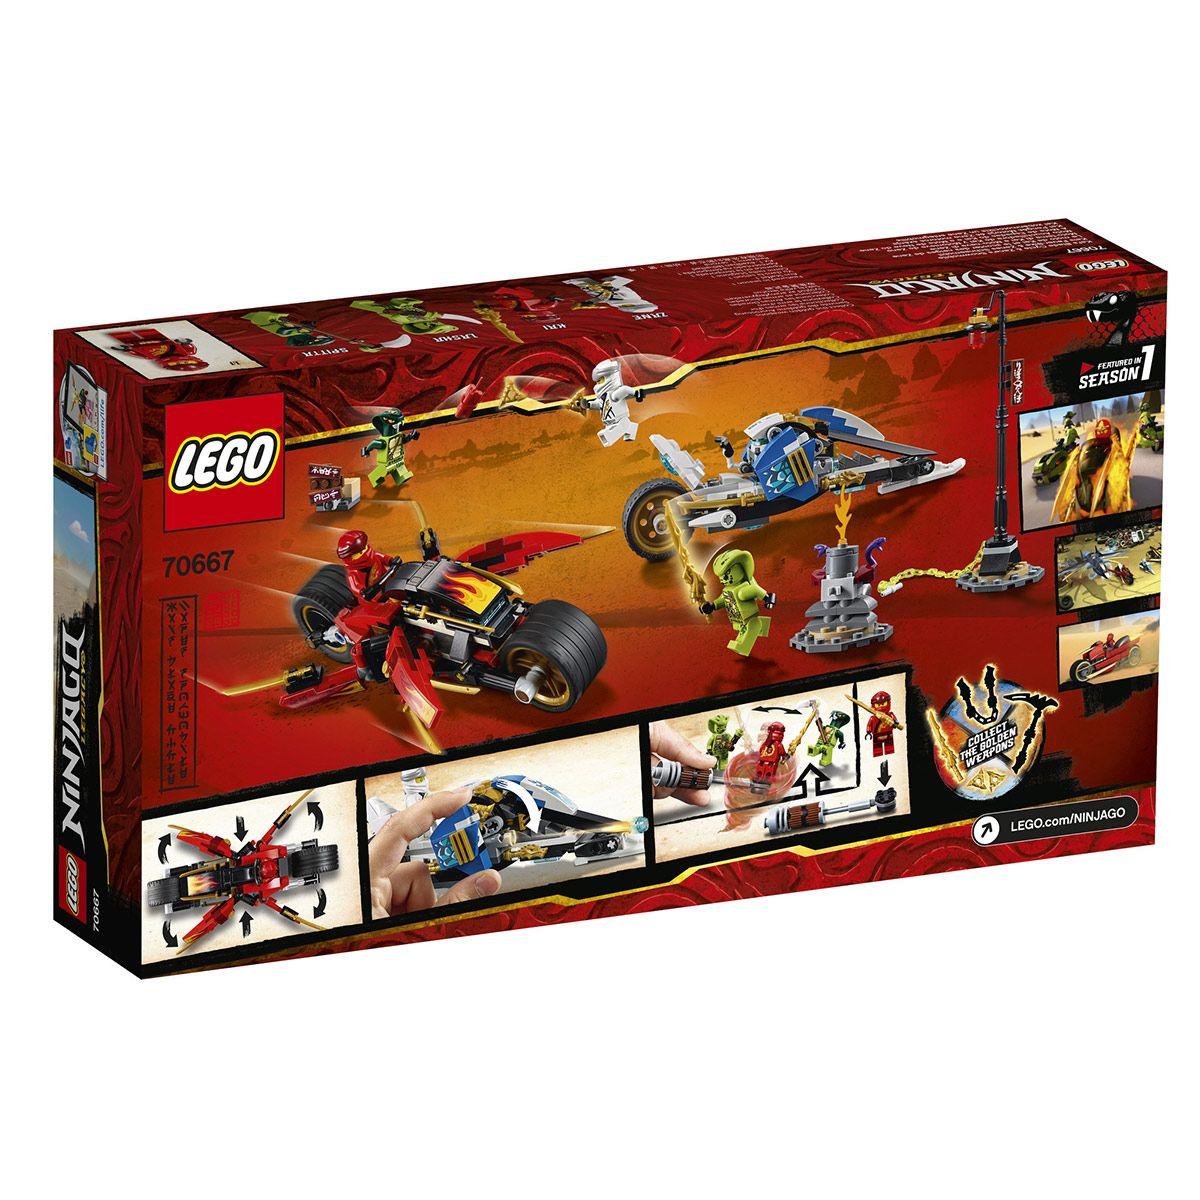 Et Lego De La Moto Kai Neiges Scooter Des Ninjago Le Zane 70667 rxBCoedW